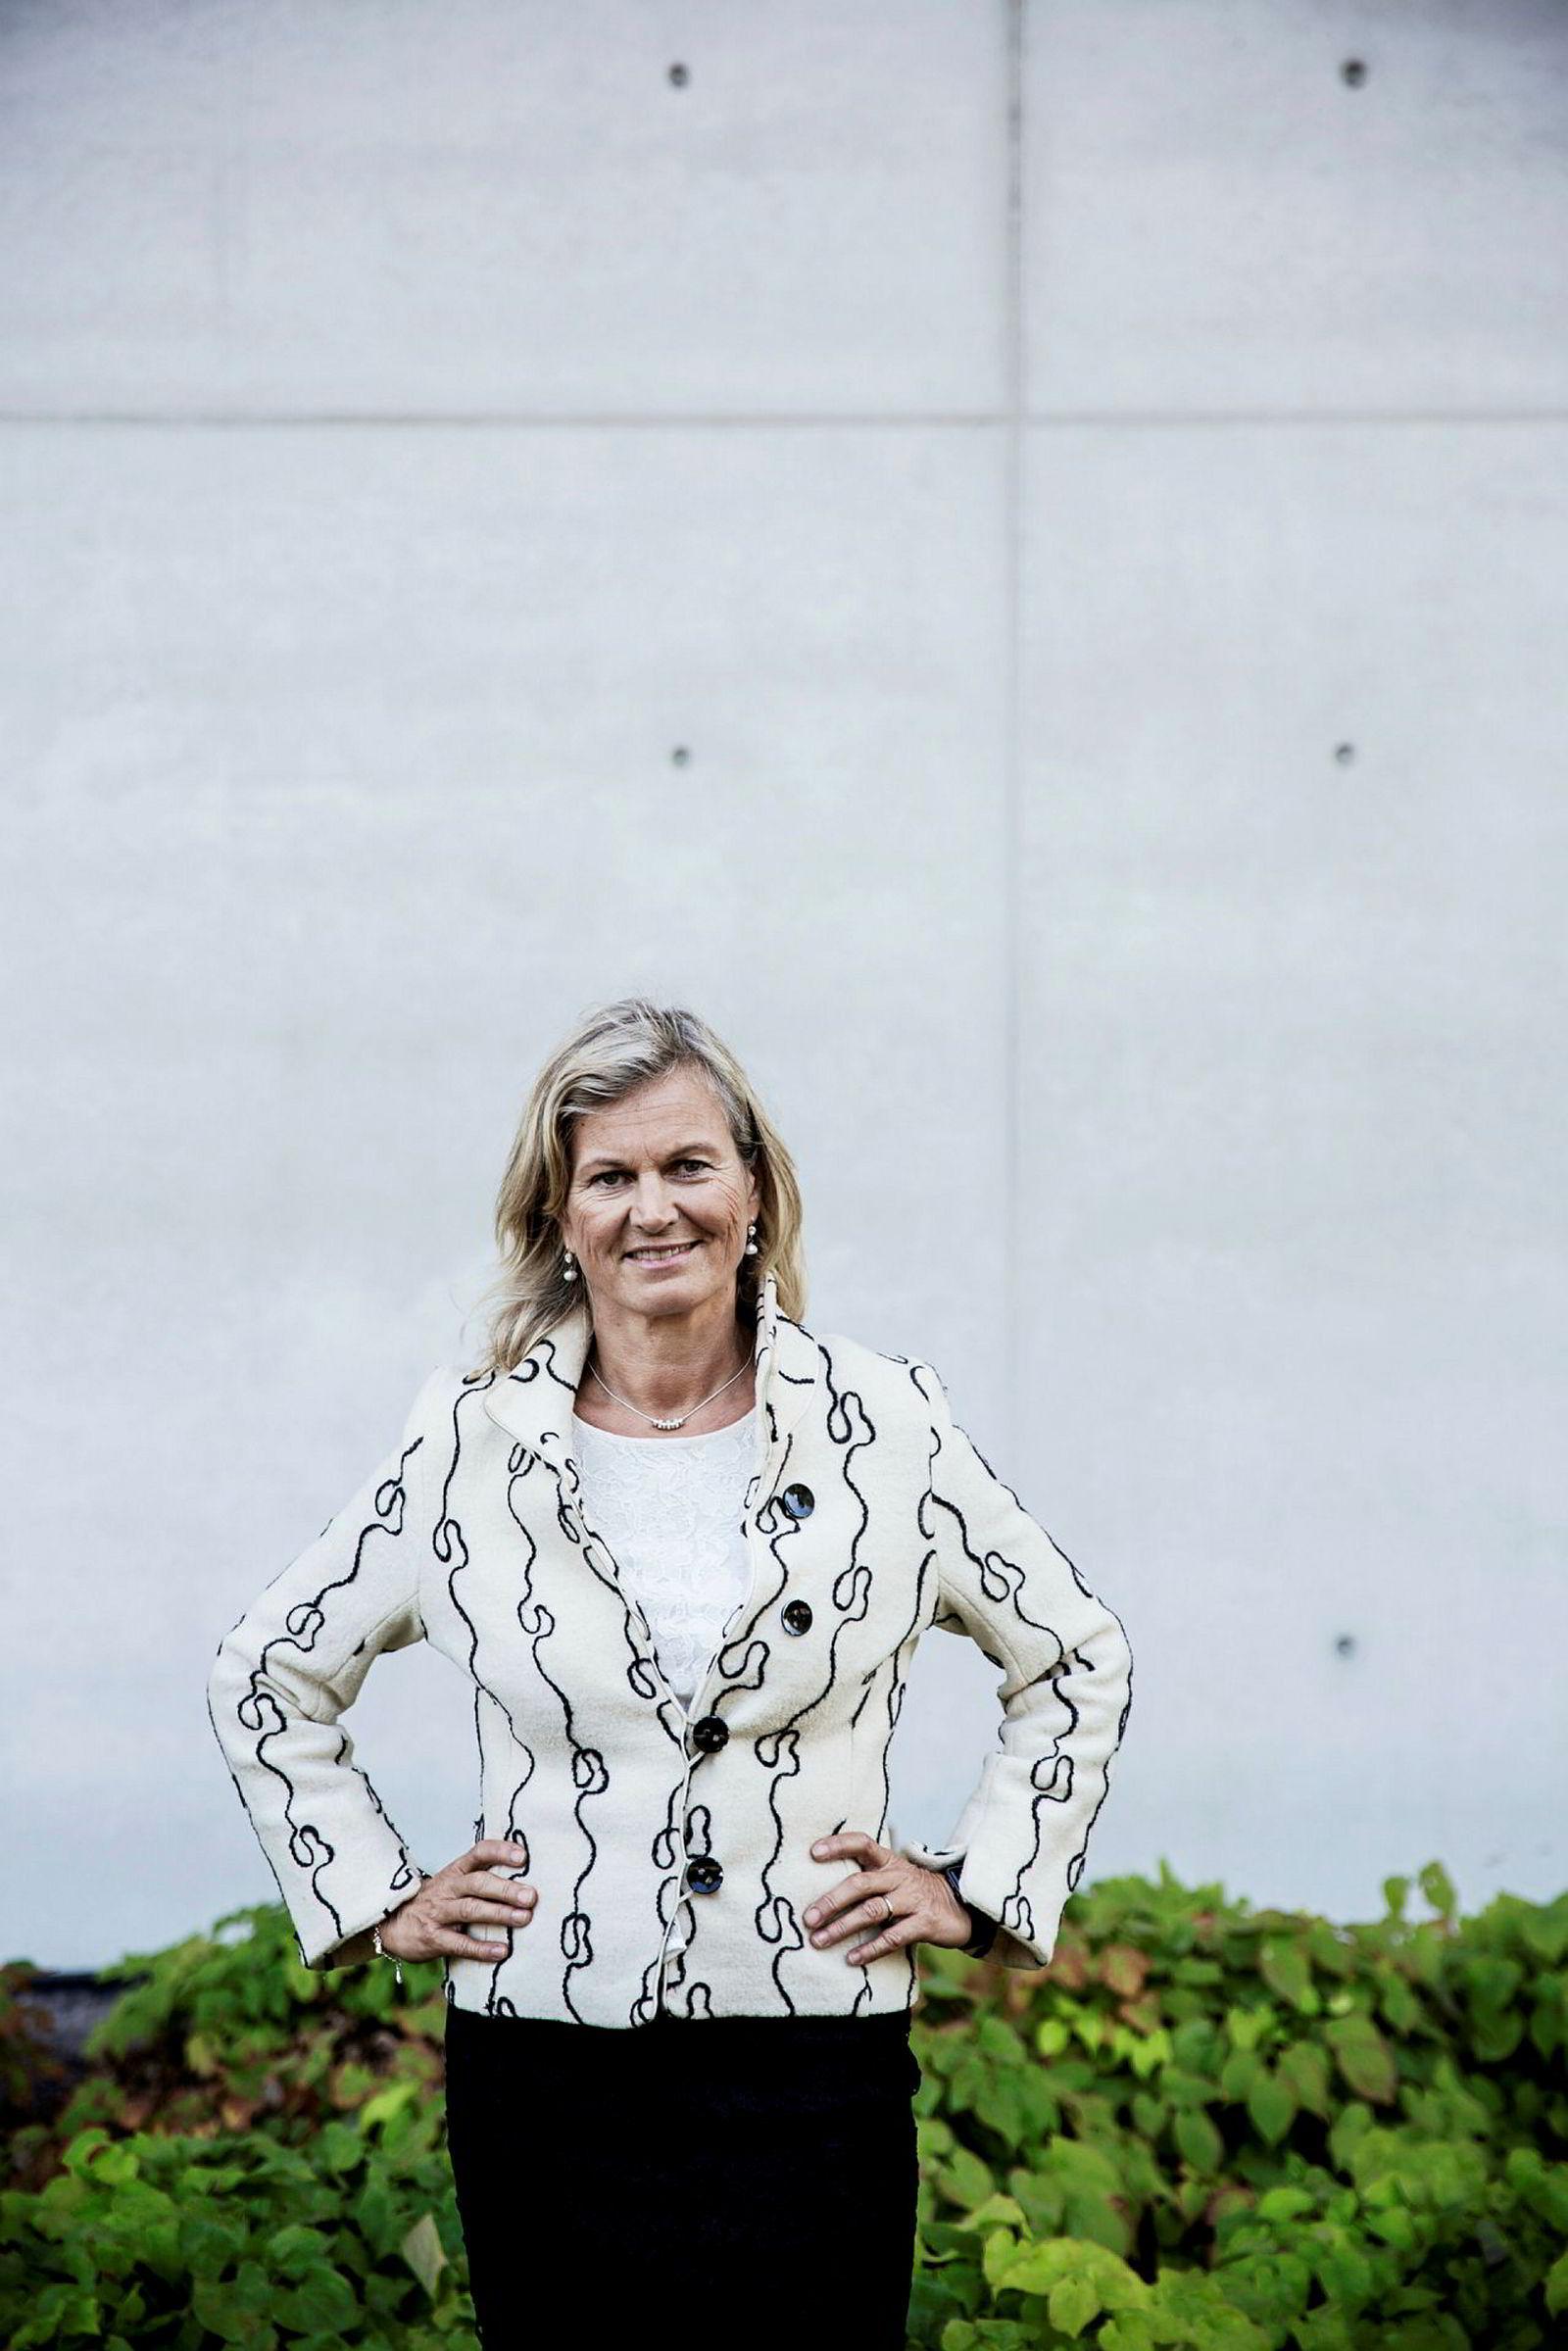 Administrerende direktør i NHO Reiseliv Kristin Krohn Devold.